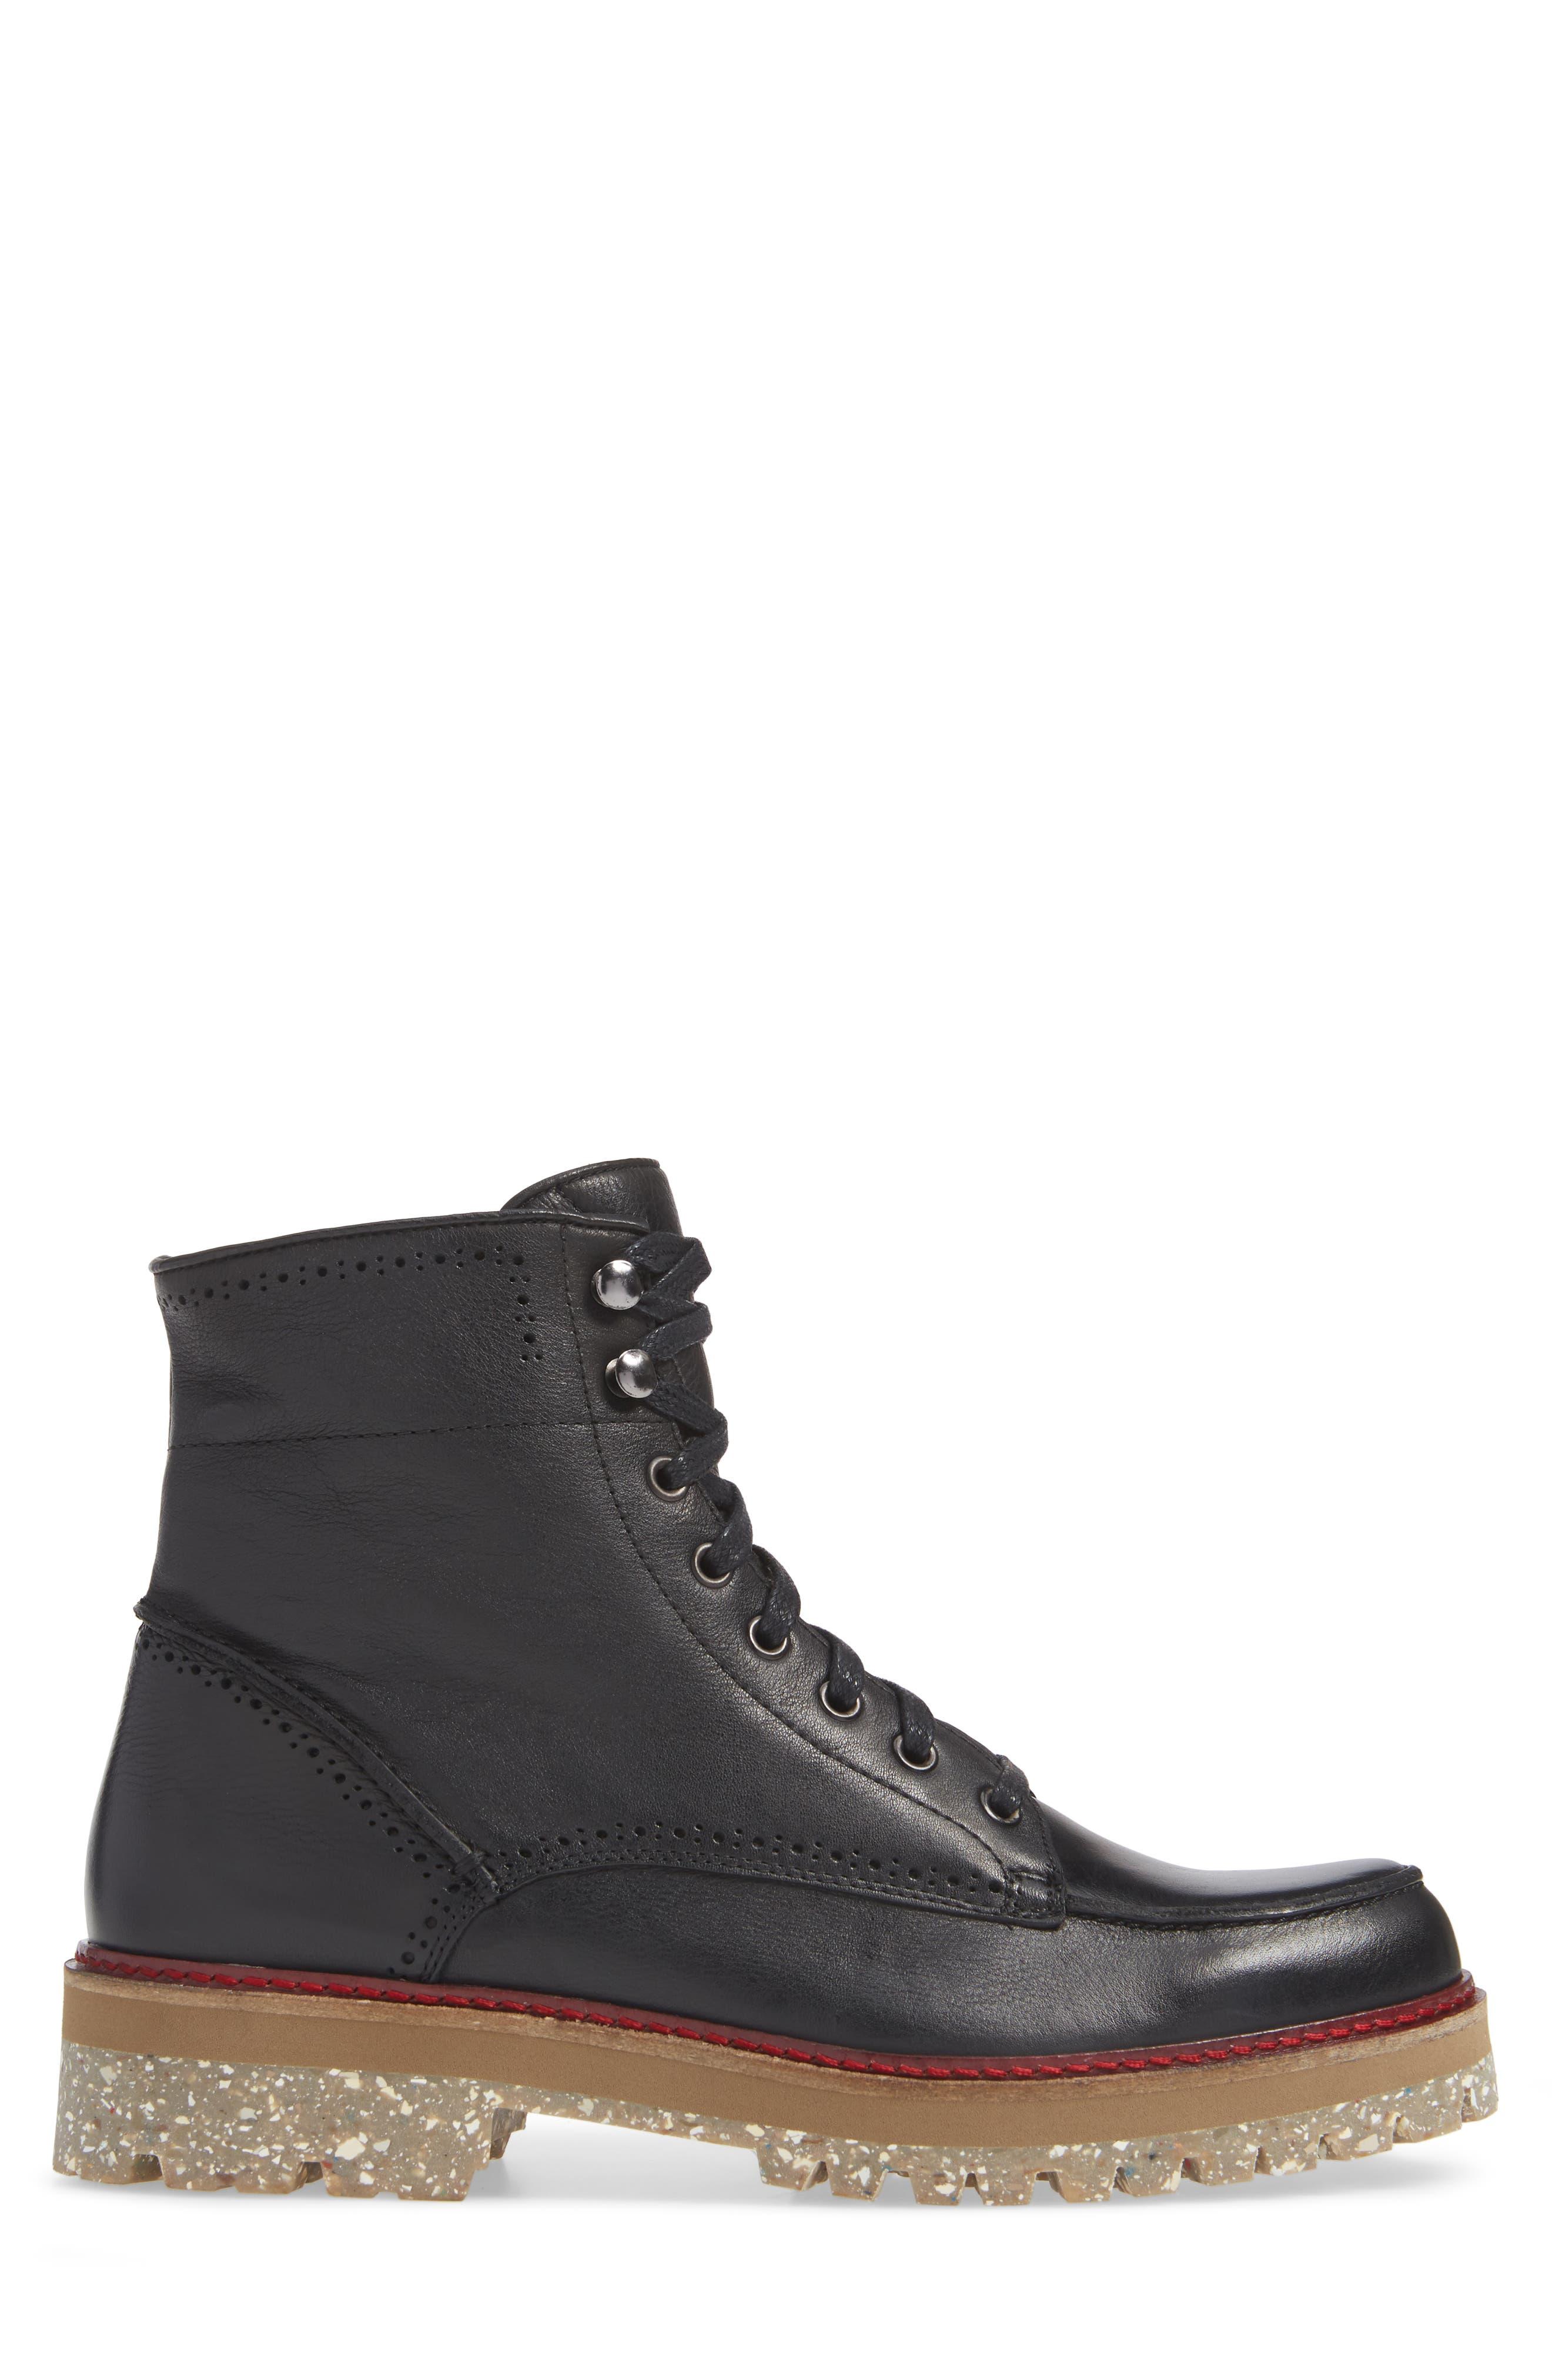 Larz Lugged Moc Toe Boot,                             Alternate thumbnail 3, color,                             BLACK